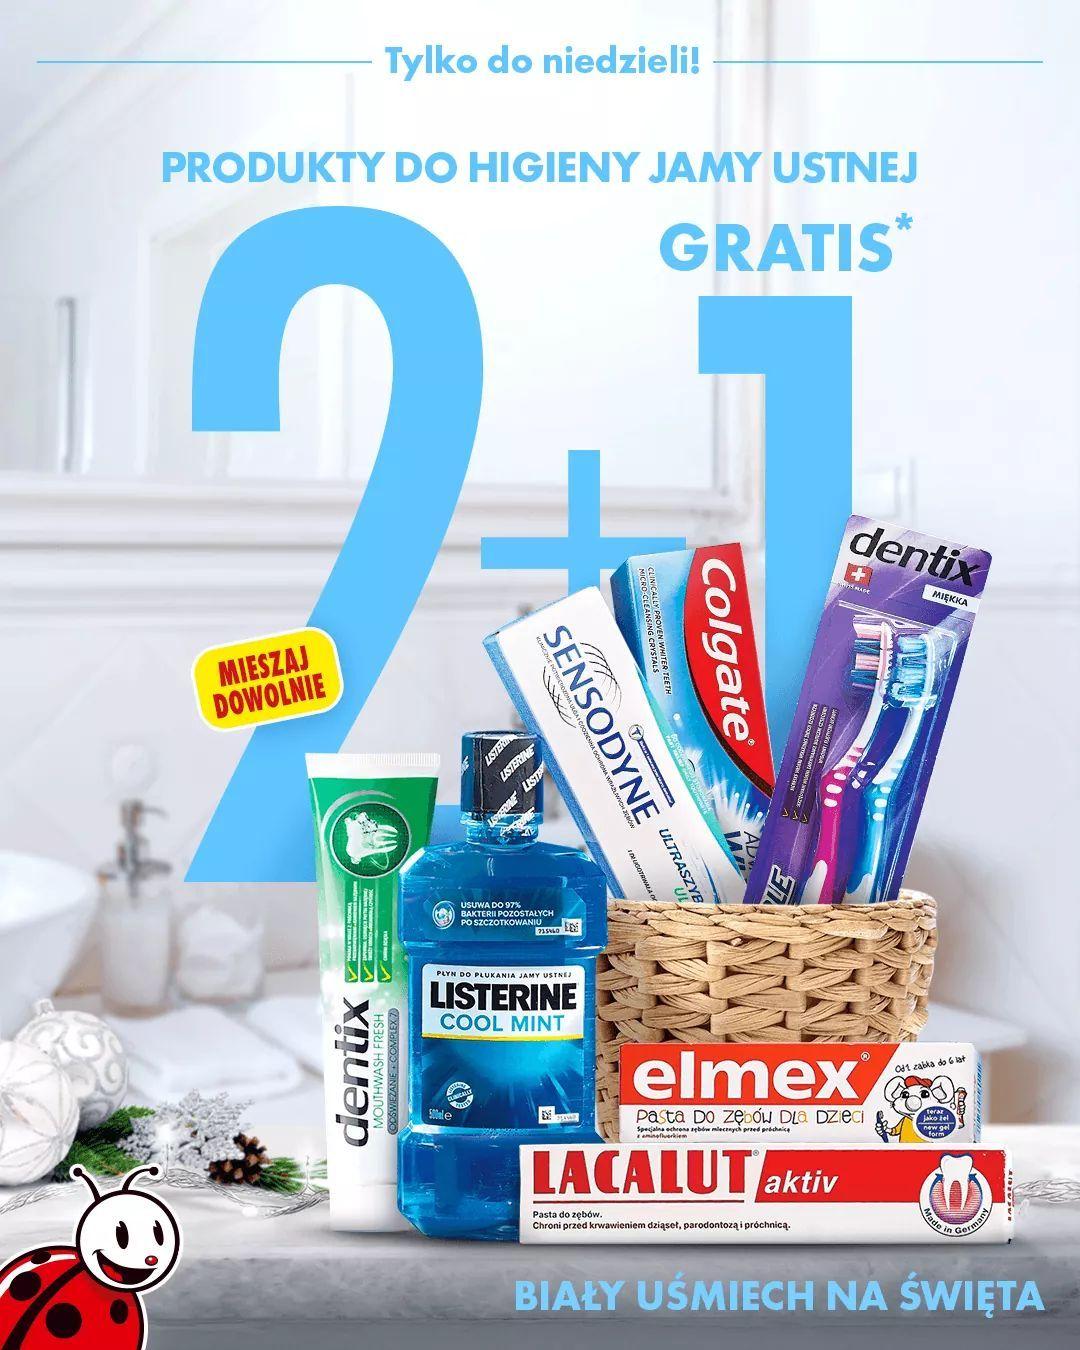 2+1 gratis na wszystkie produkty do higieny jamy ustnej. Biedronka